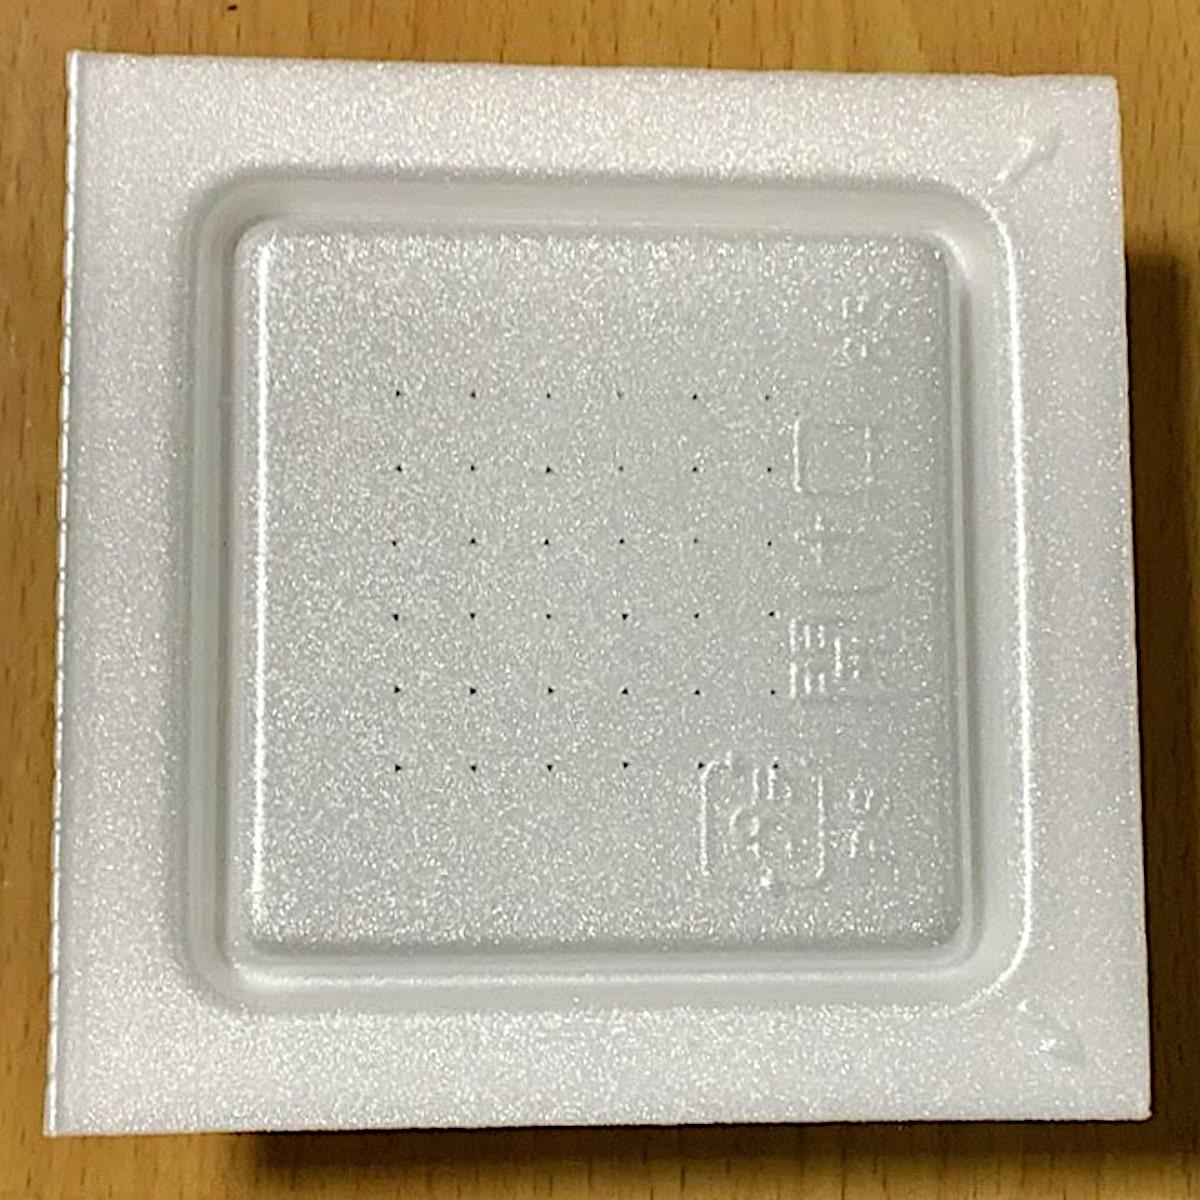 「元気納豆 国産大豆わさび」の容器の画像